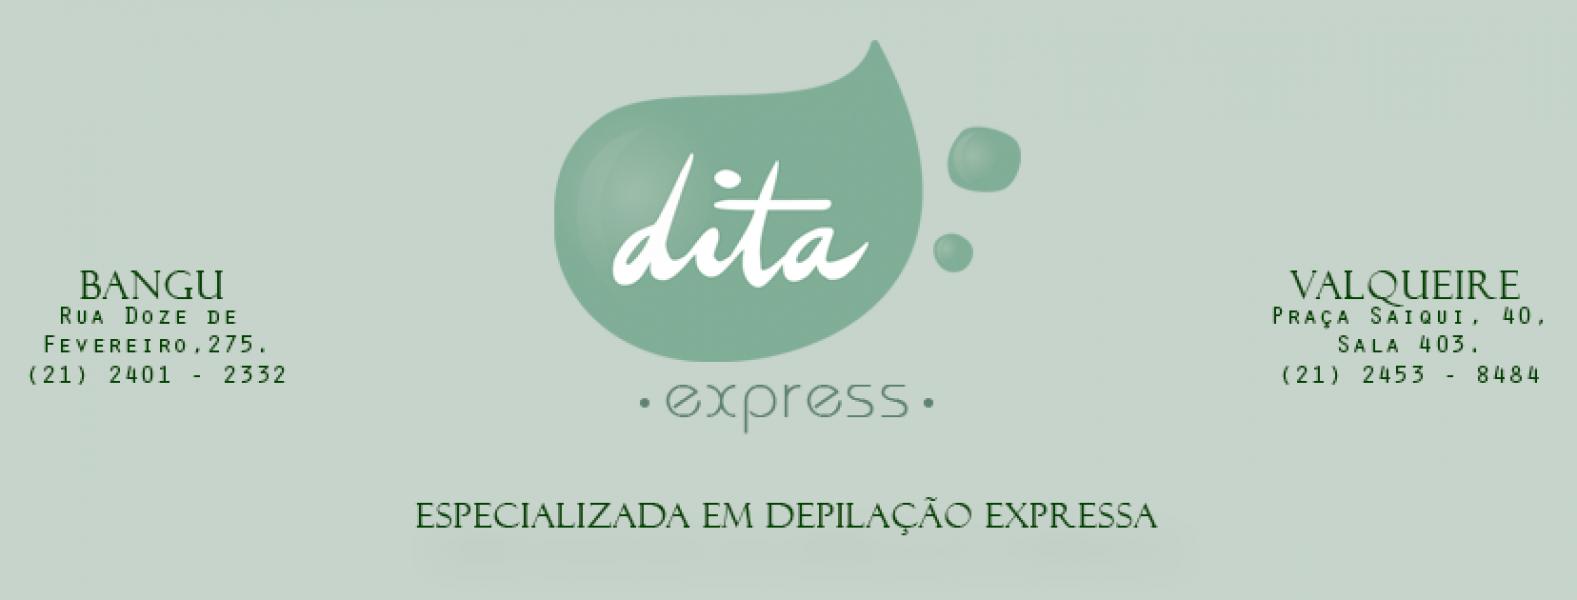 Dita Express - Bangu